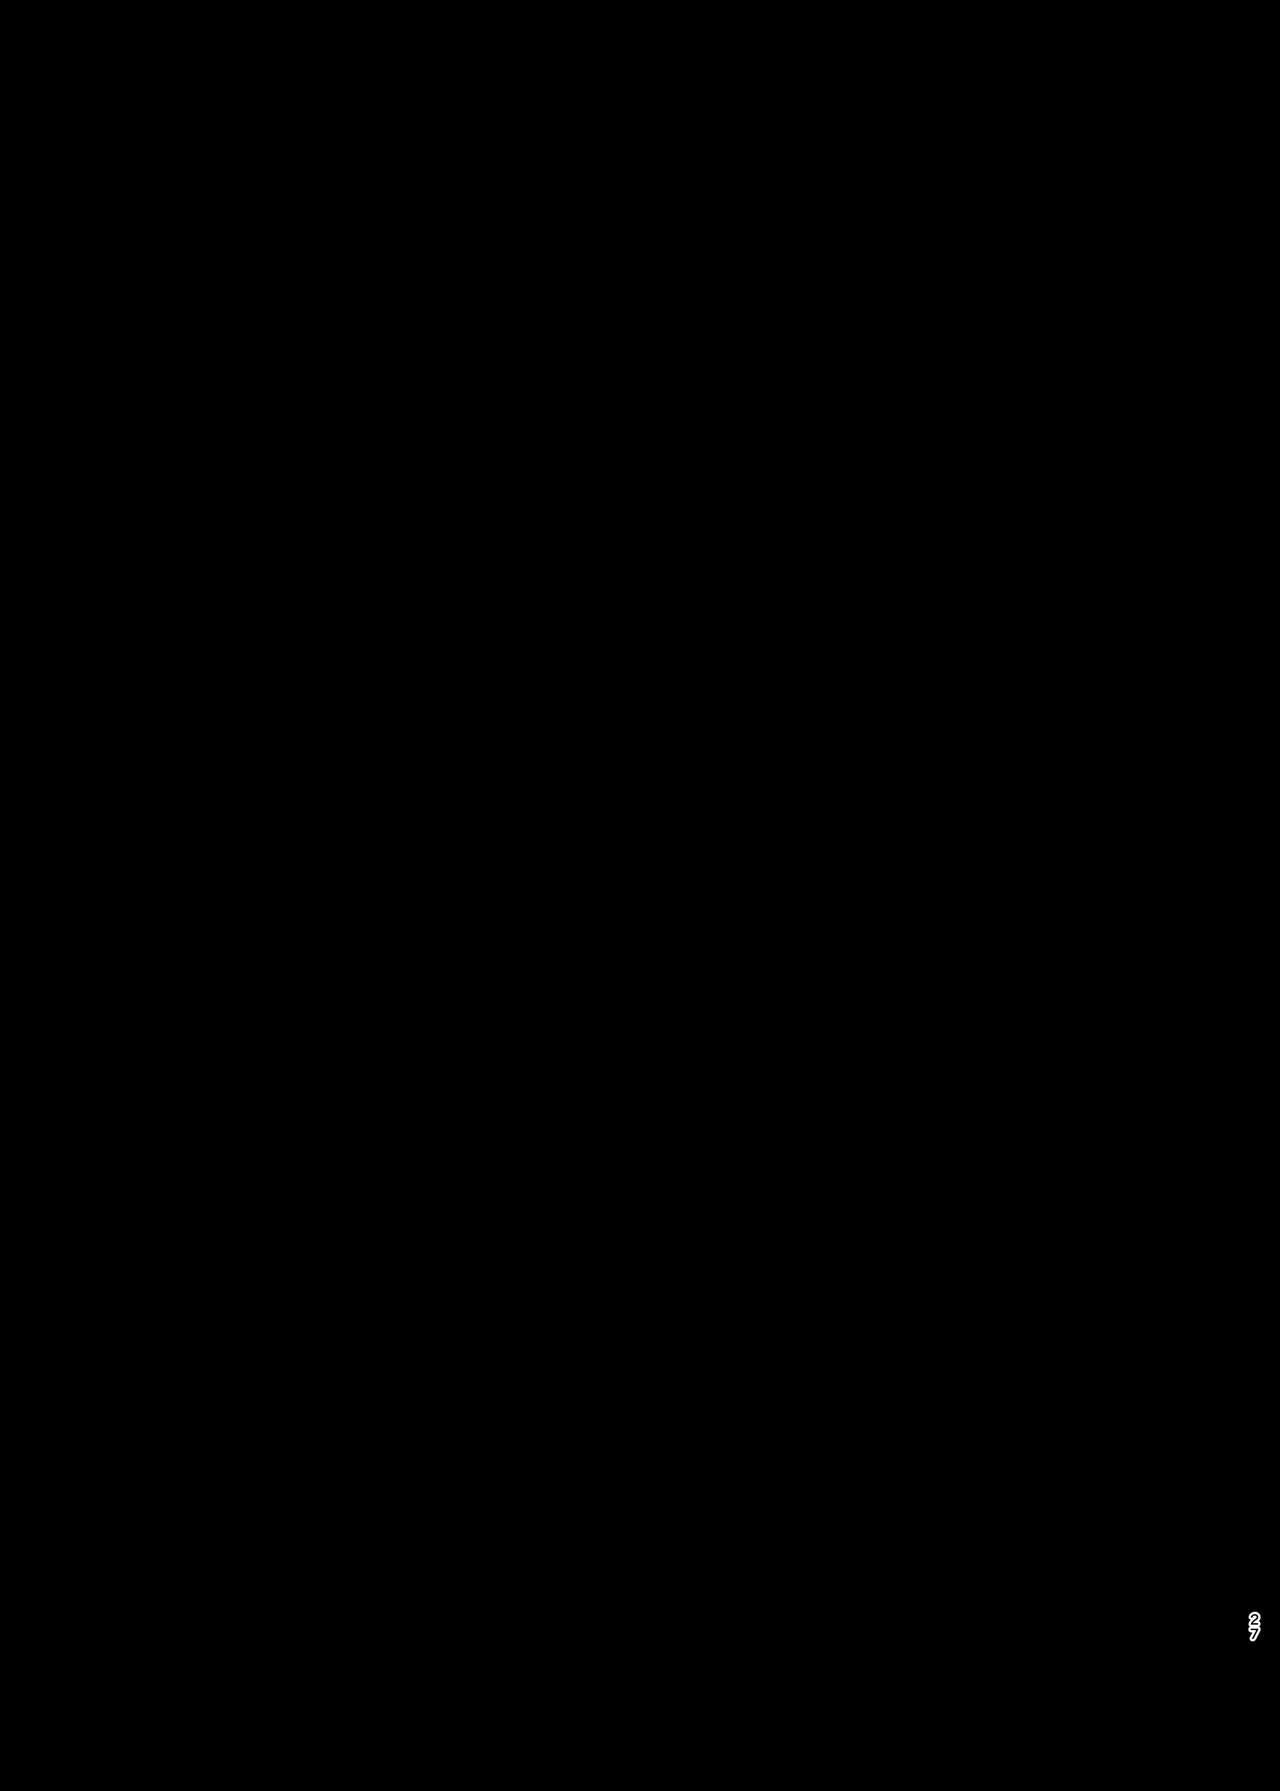 [Akuochisukii Kyoushitsu (Akuochisukii Sensei)] Inma Tensei ~Futari wa Precubu~ | Succubus Reincarnation ~We Are Pretty Succubi~ (Futari wa Precure) [English] {darknight} [Digital] 26